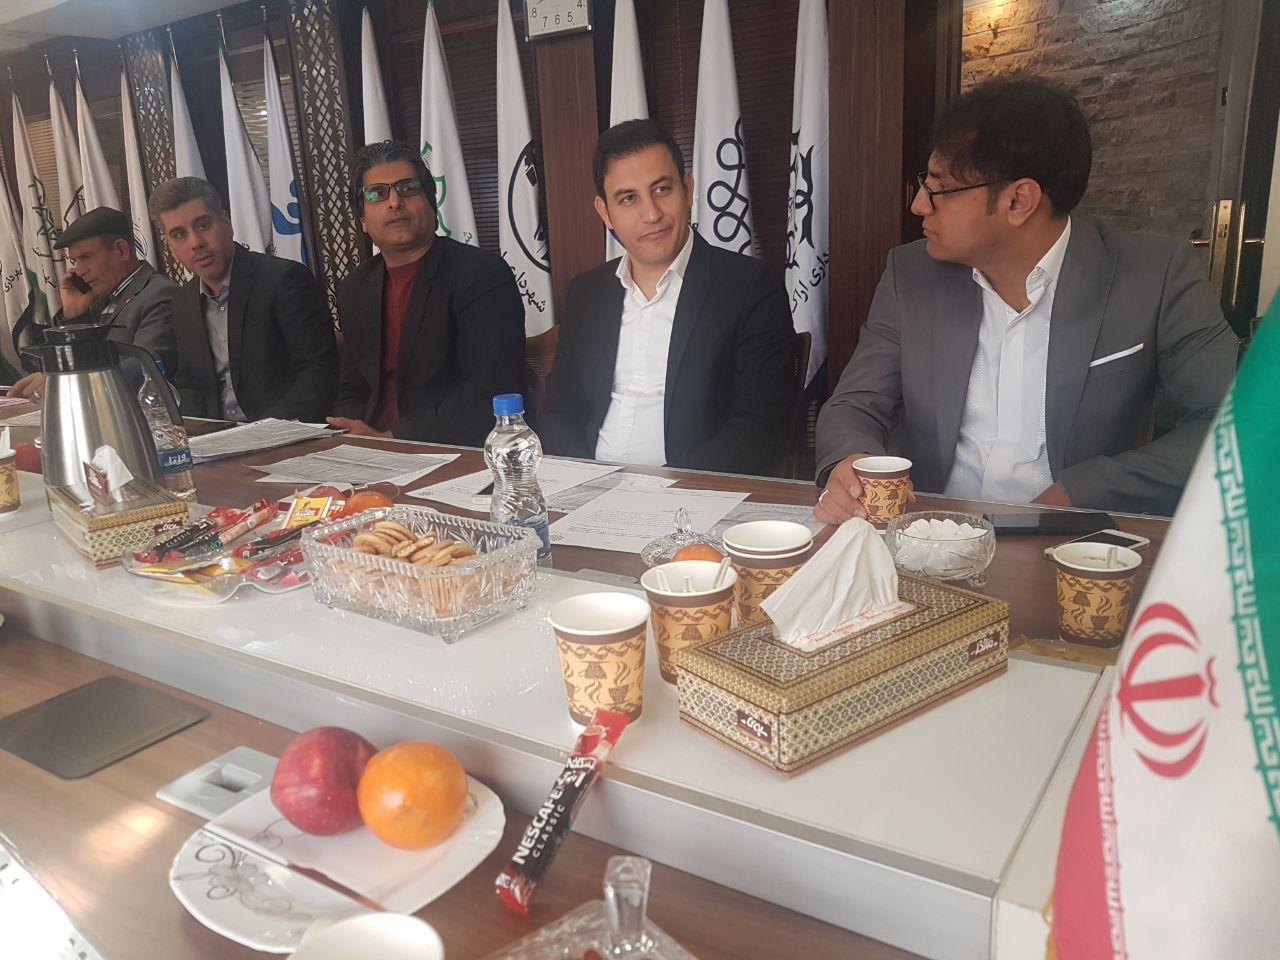 شهرداری کرمان، میزبان مسابقات فوتسال کلانشهرهای کشور